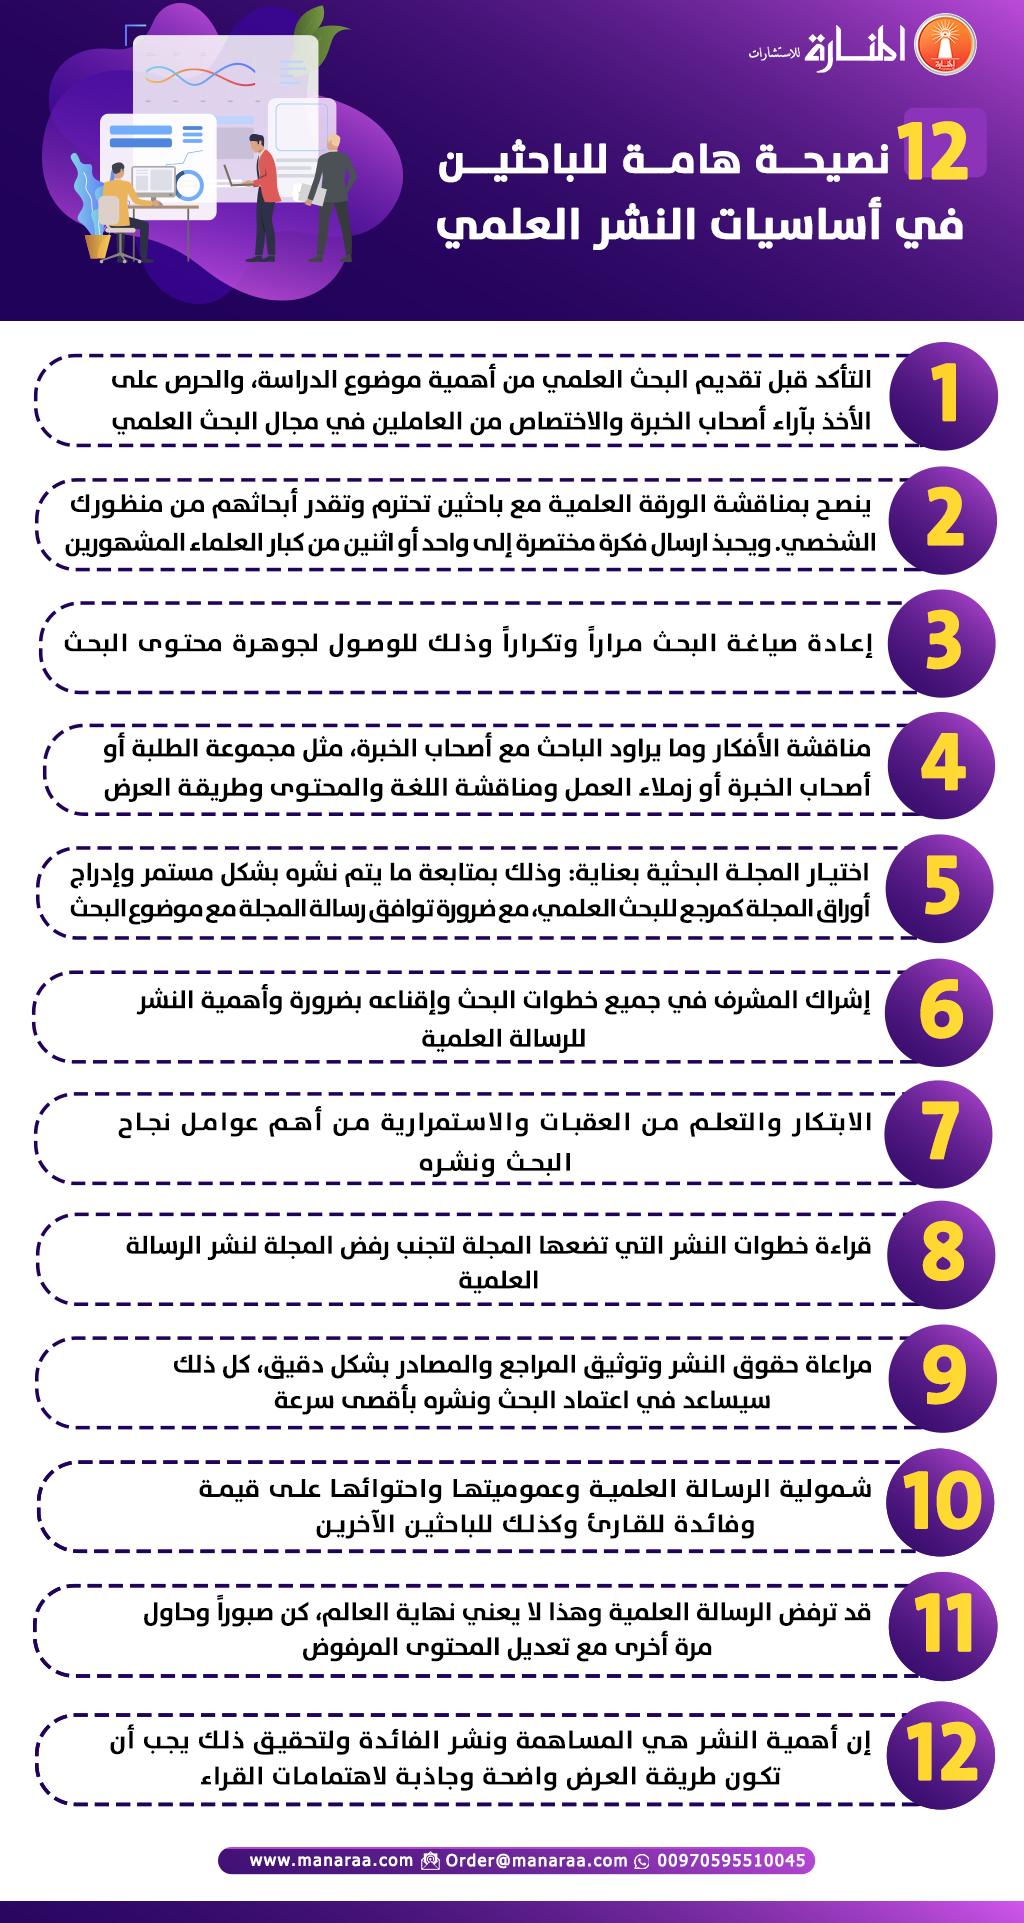 12 نصيحة هامة للباحثين في أساسيات النشر العلمي